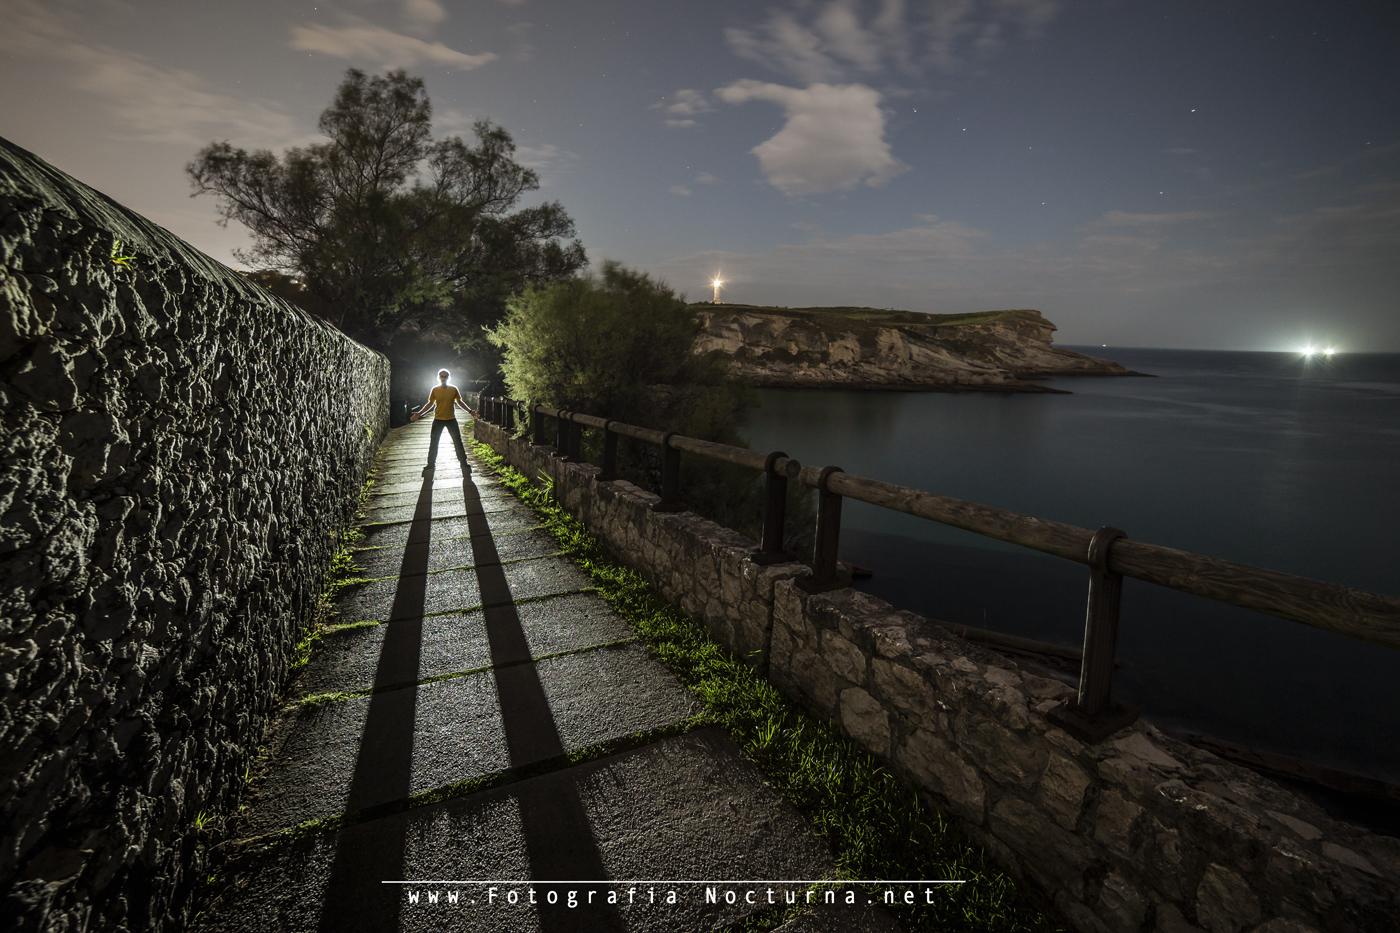 Paseo de Mataleñas (Santander) Spain